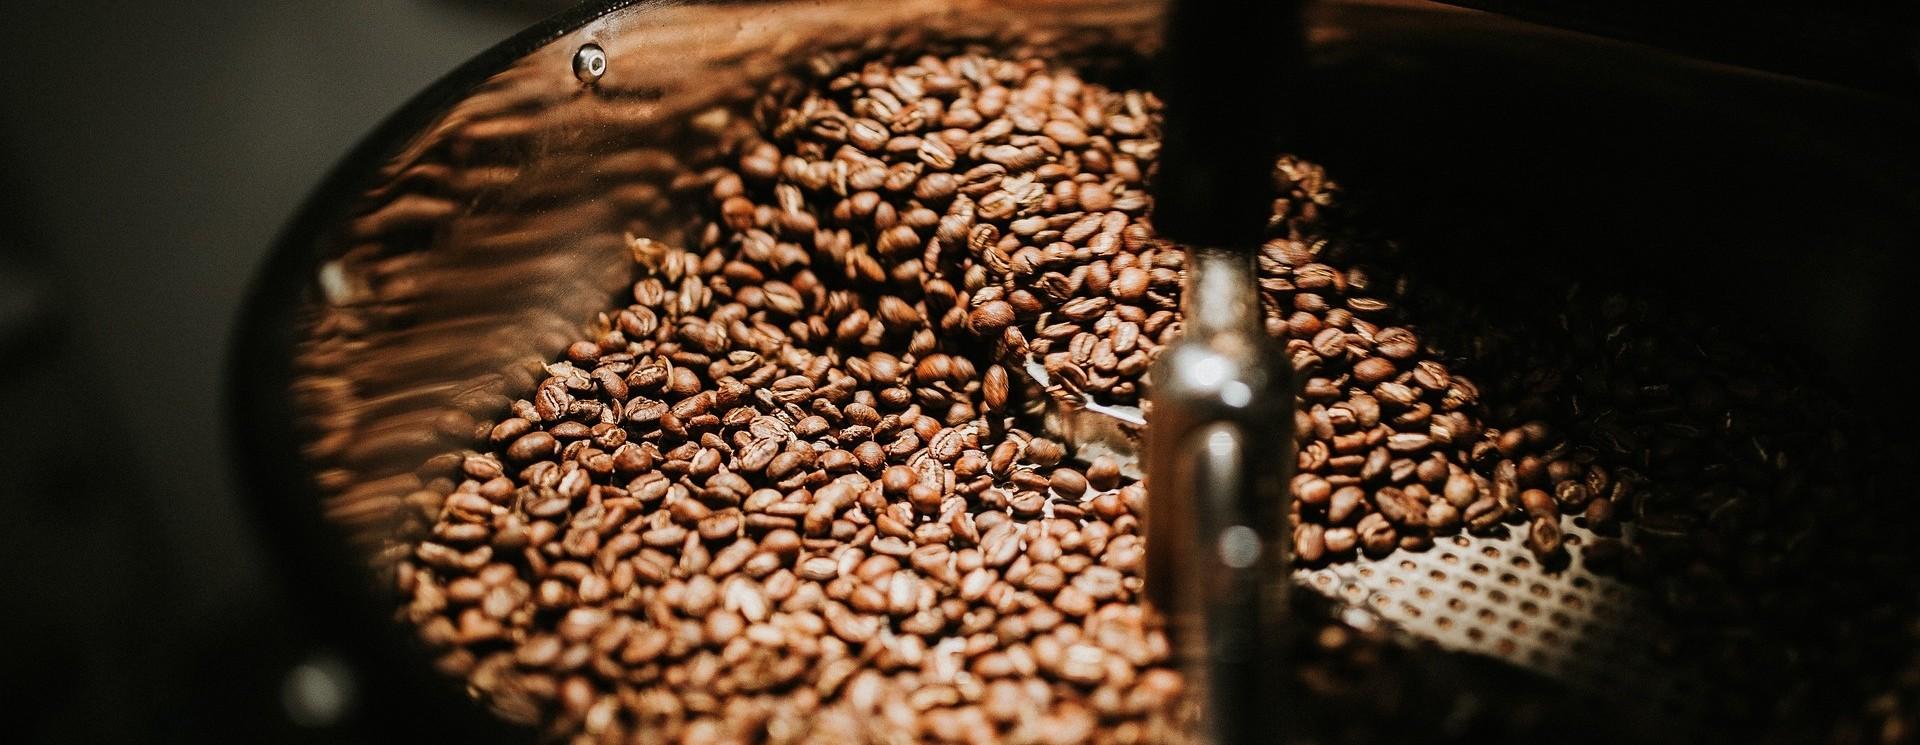 Koffie melanges